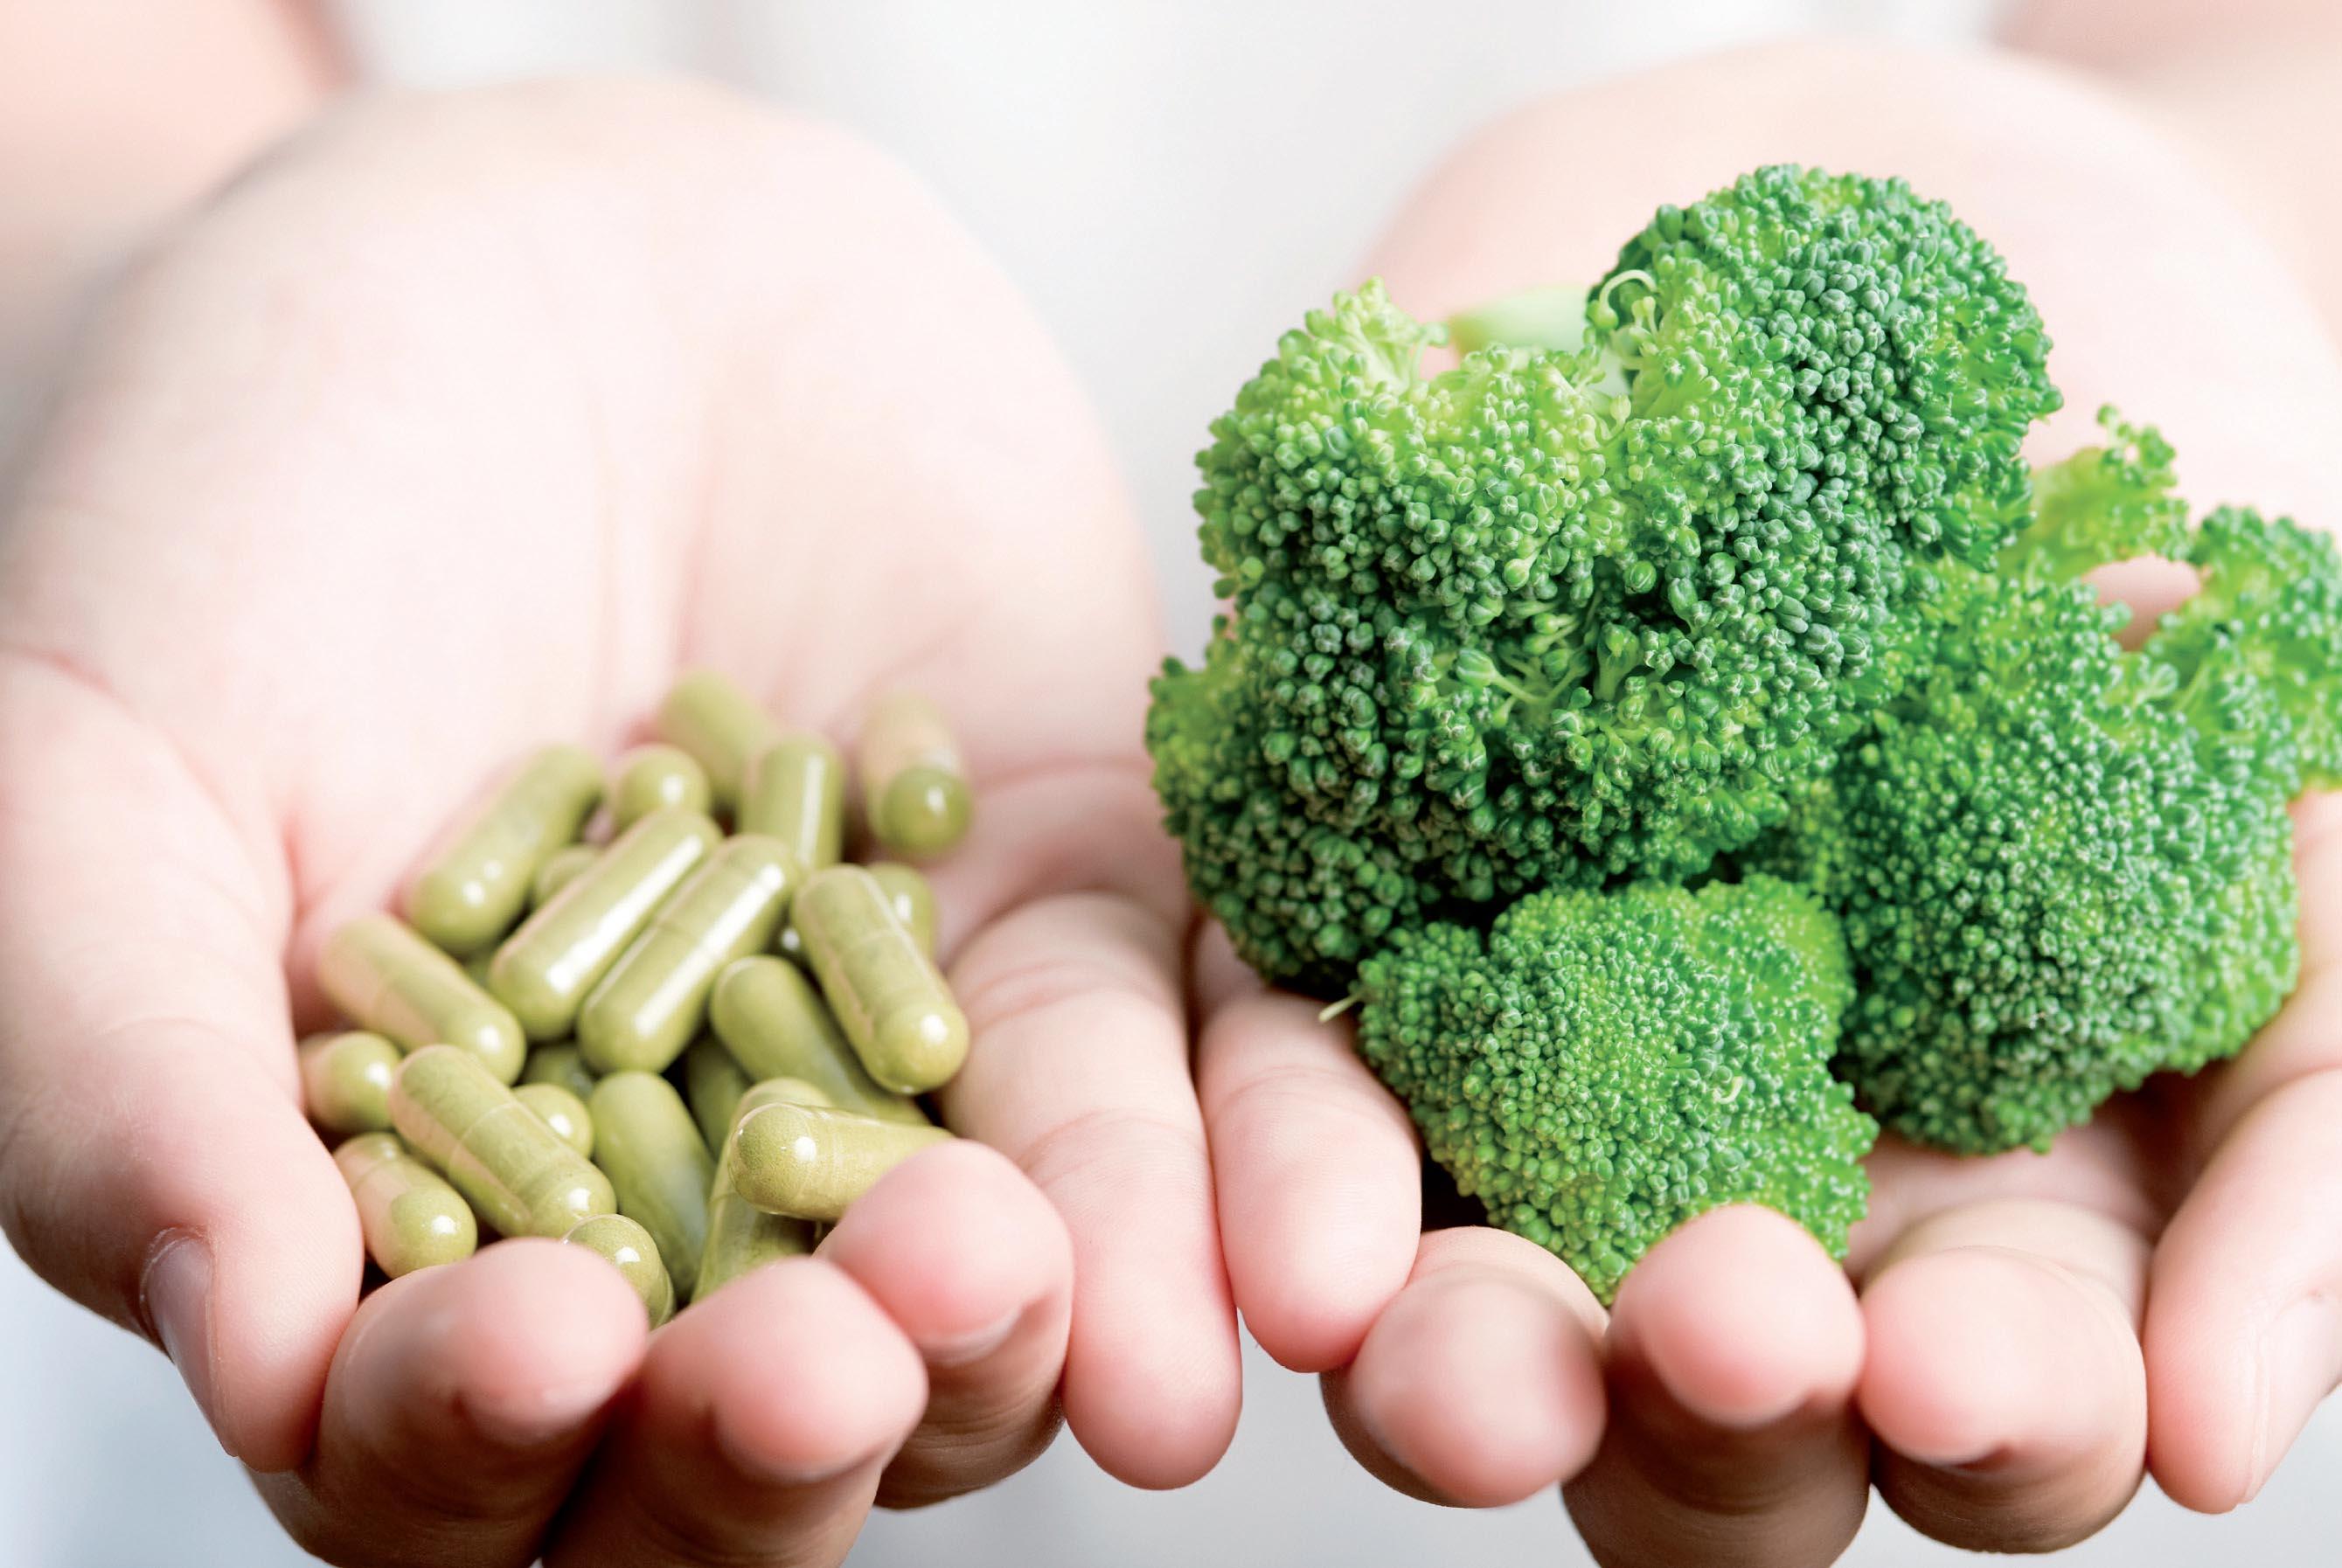 Ngoài rau, bạn vẫn cần bổ sung thêm nhiều chất khác từ đa dạng các loại thức ăn